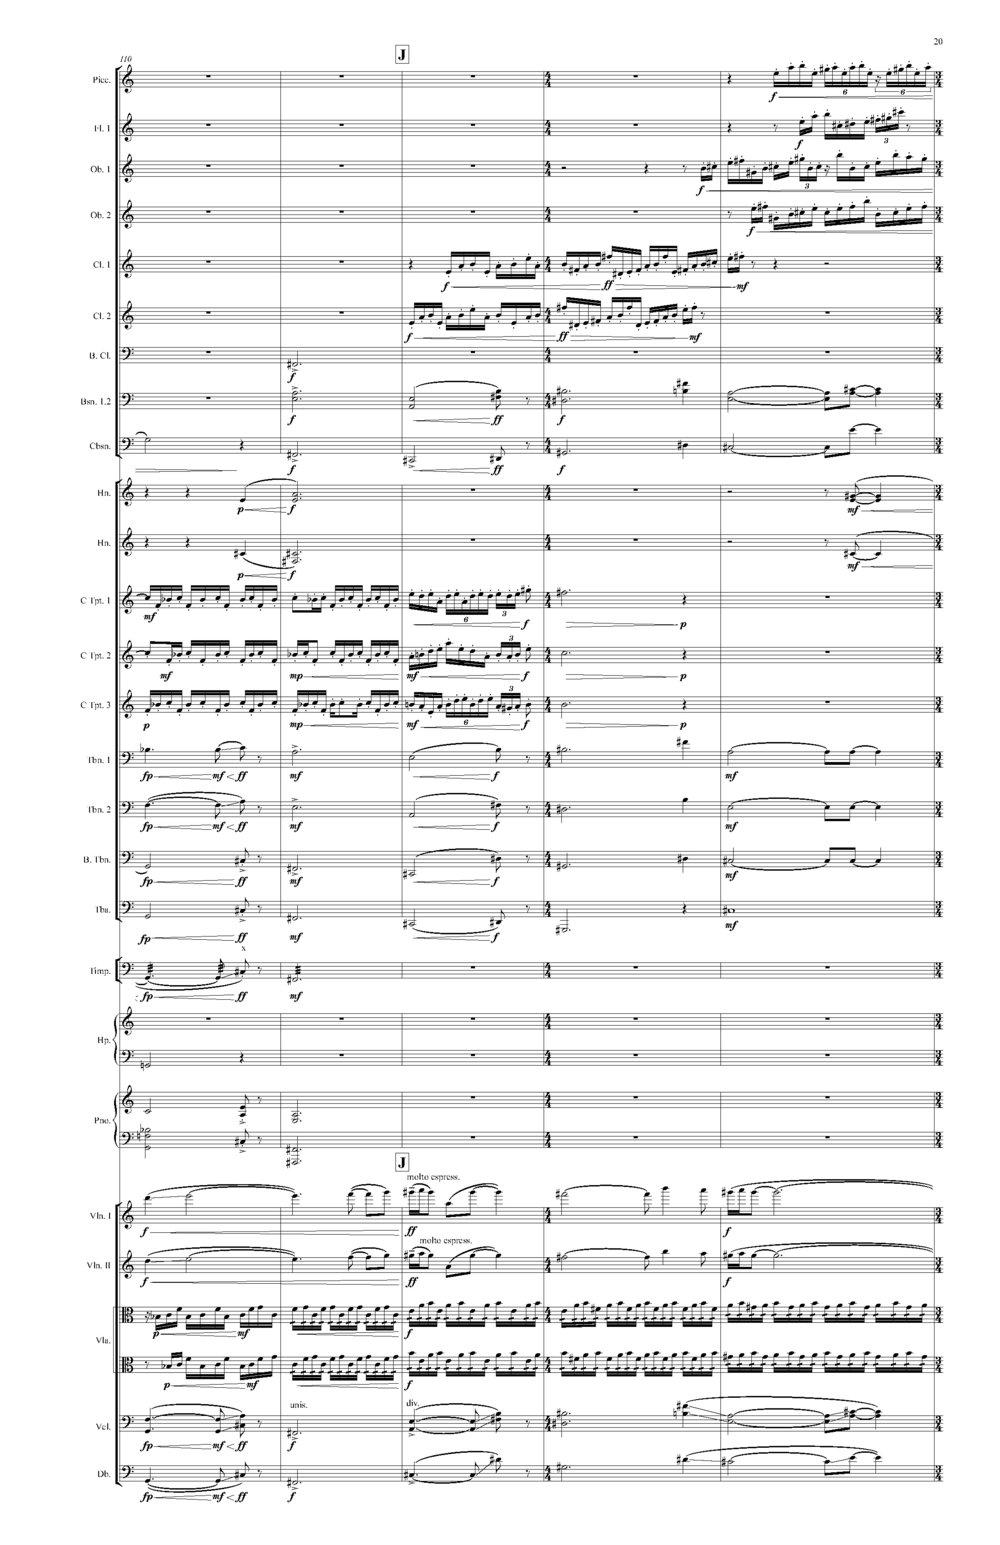 Kolmanskop 4-4-17 score - Full Score_Seite_23.jpg